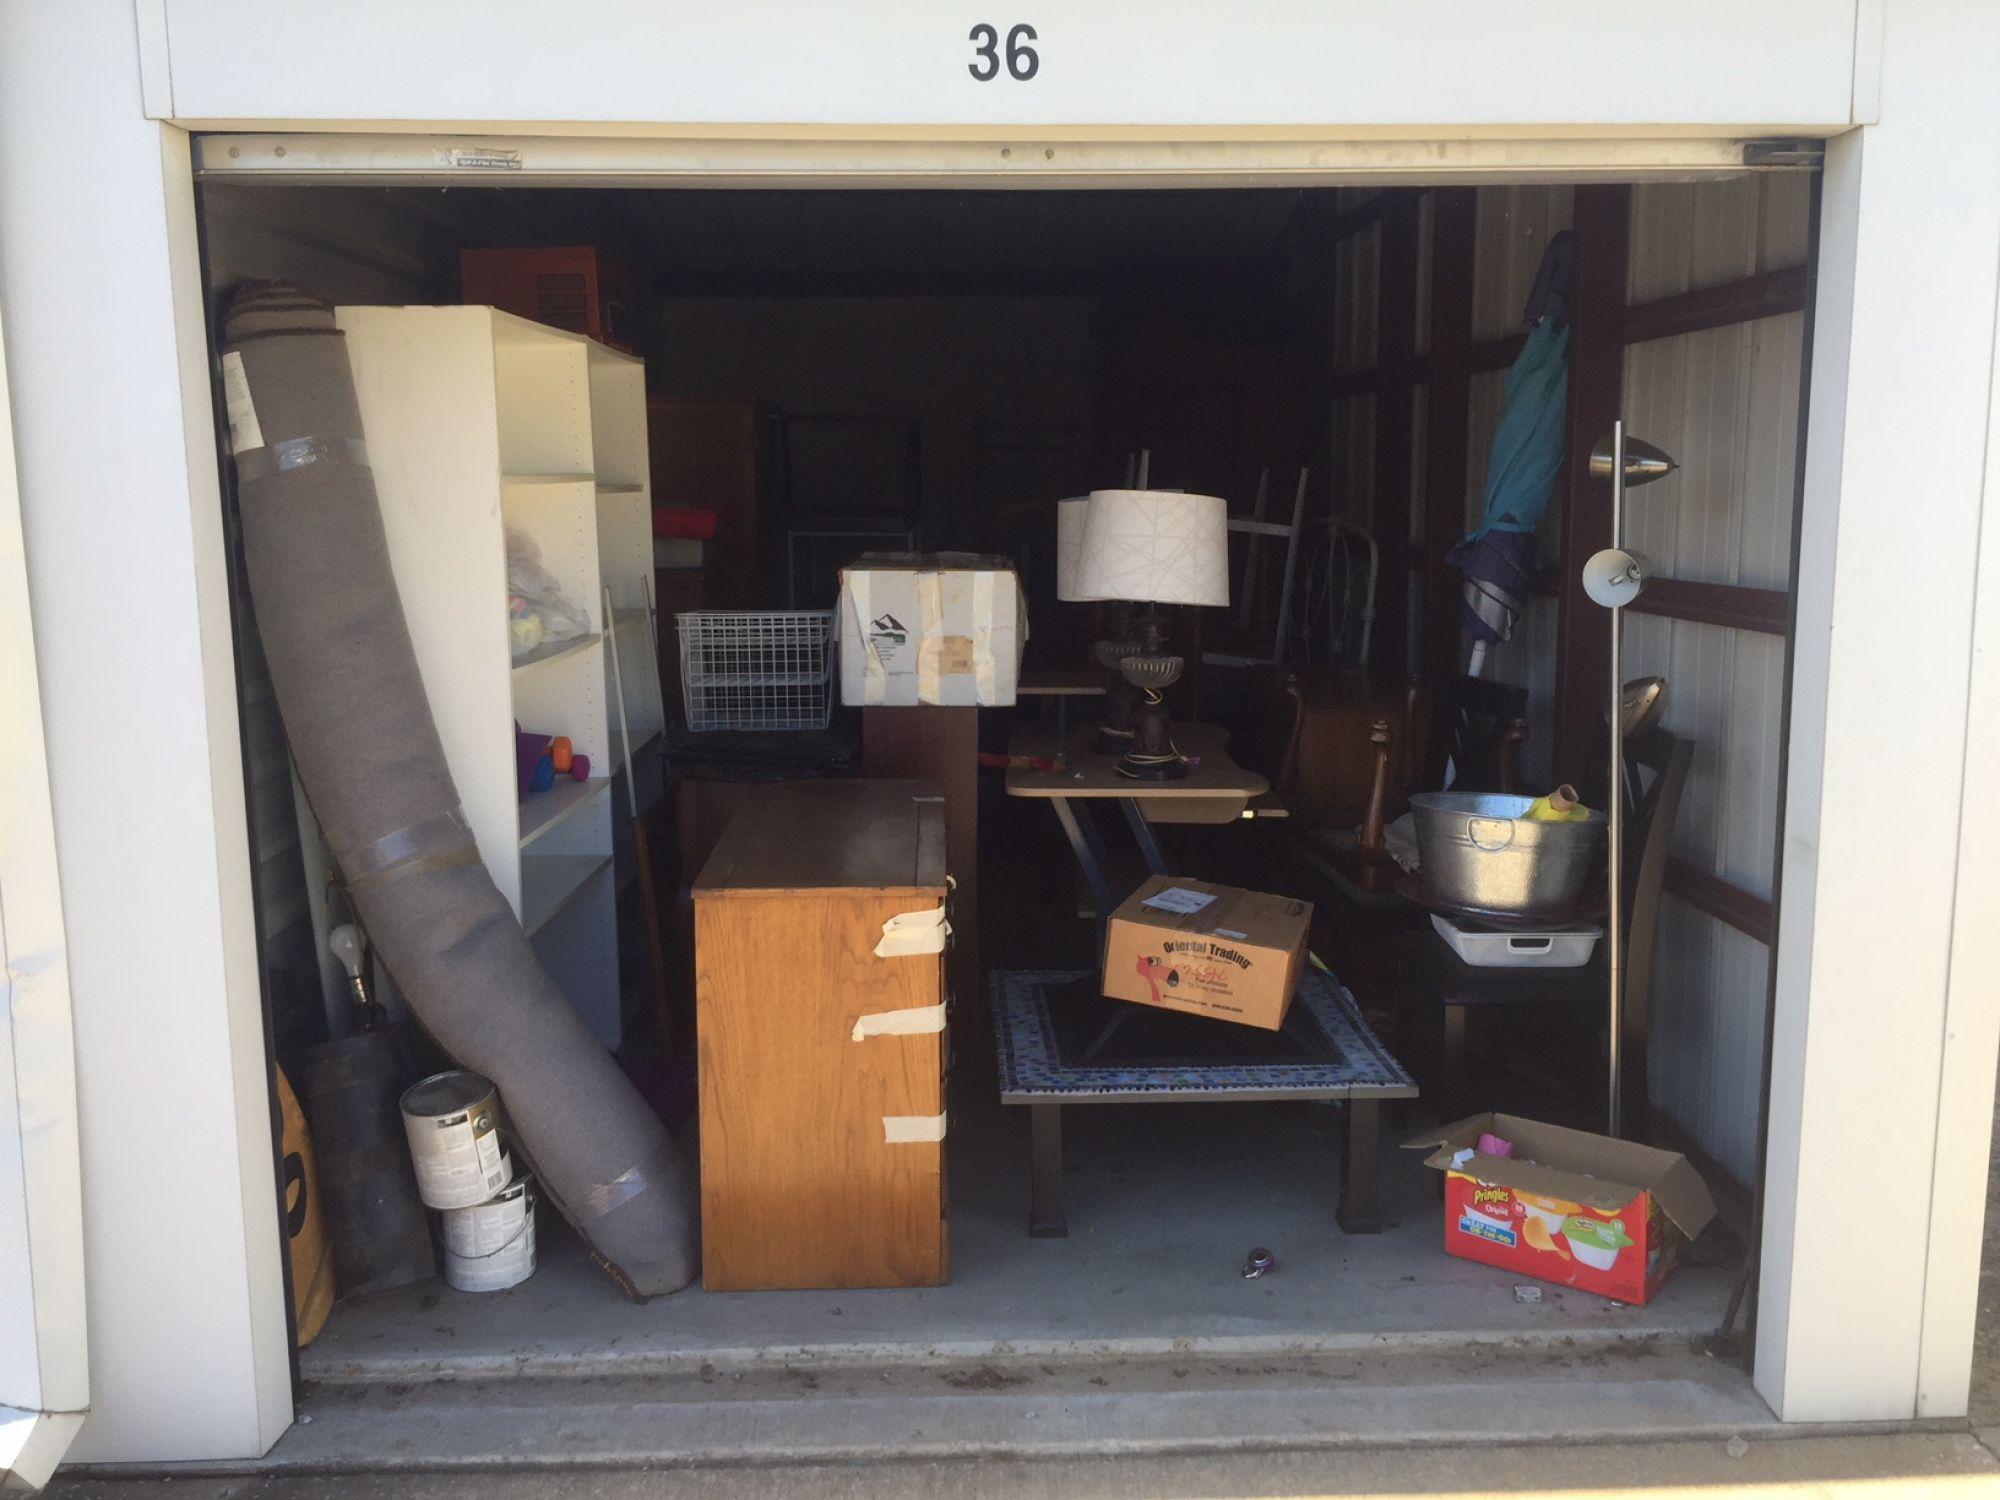 Storage Unit Auction 514158 Tulsa Ok. SaveEnlarge & Storage Unit Auctions Tulsa - Listitdallas